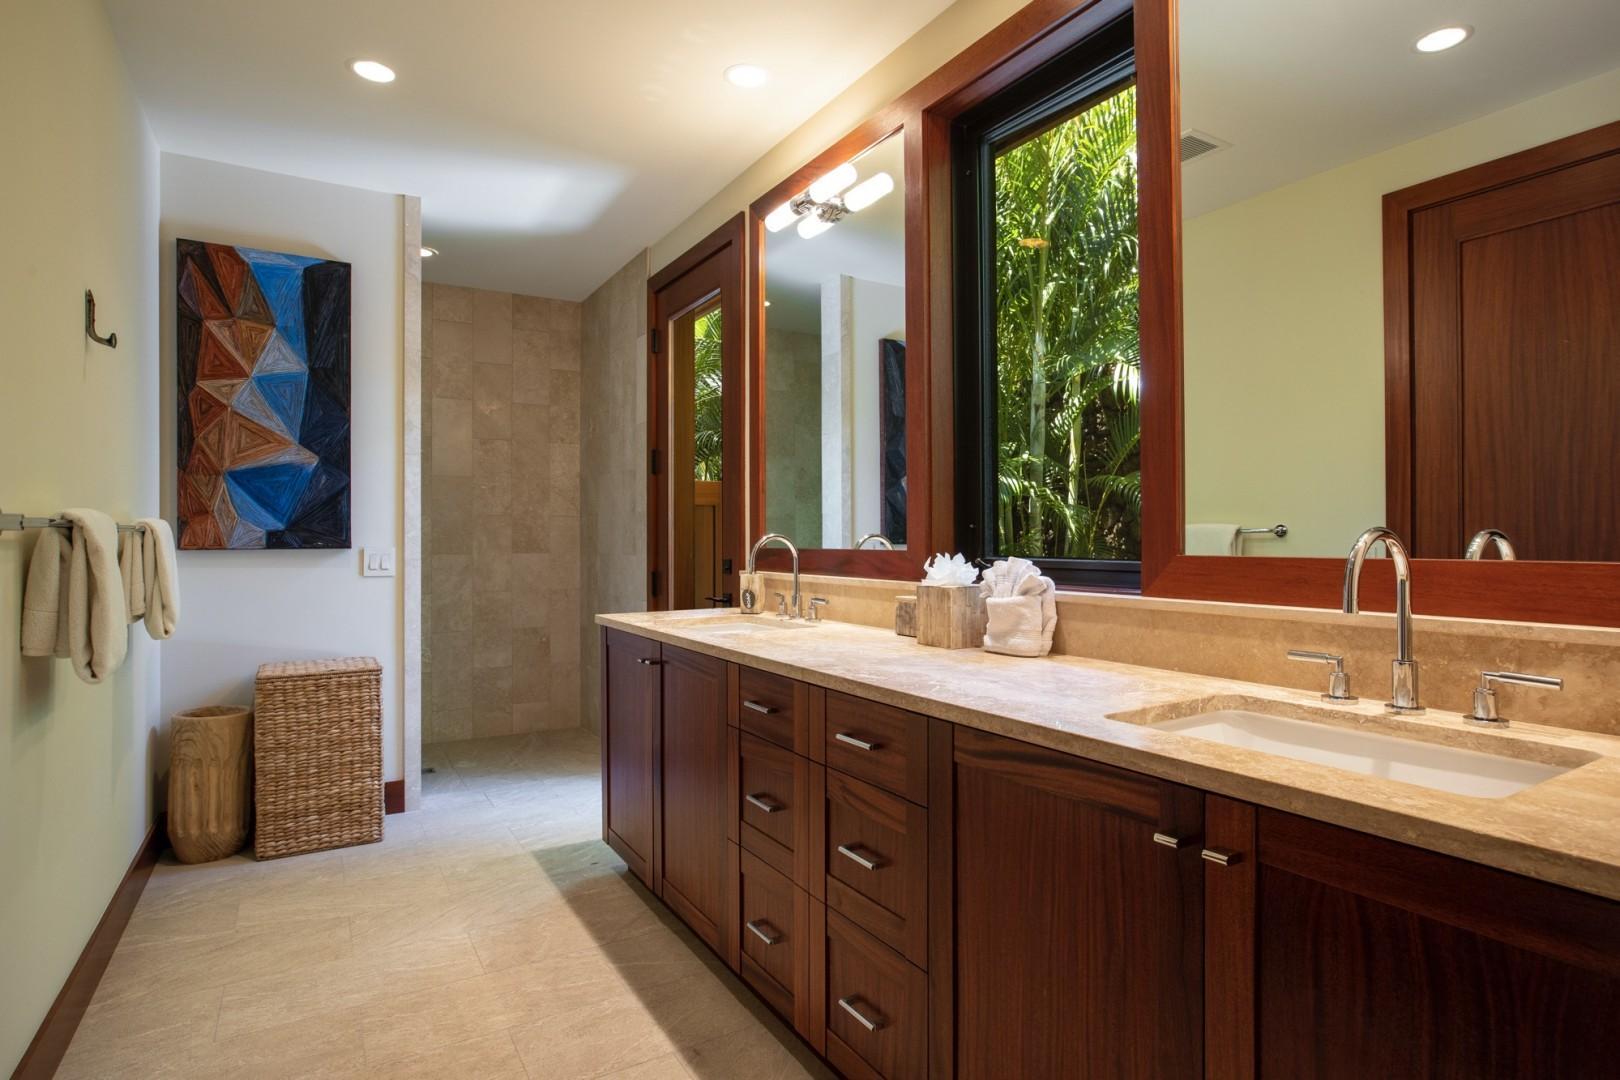 Guest bedroom one en-suite bath with dual vanities, walk-in shower and outdoor shower garden.